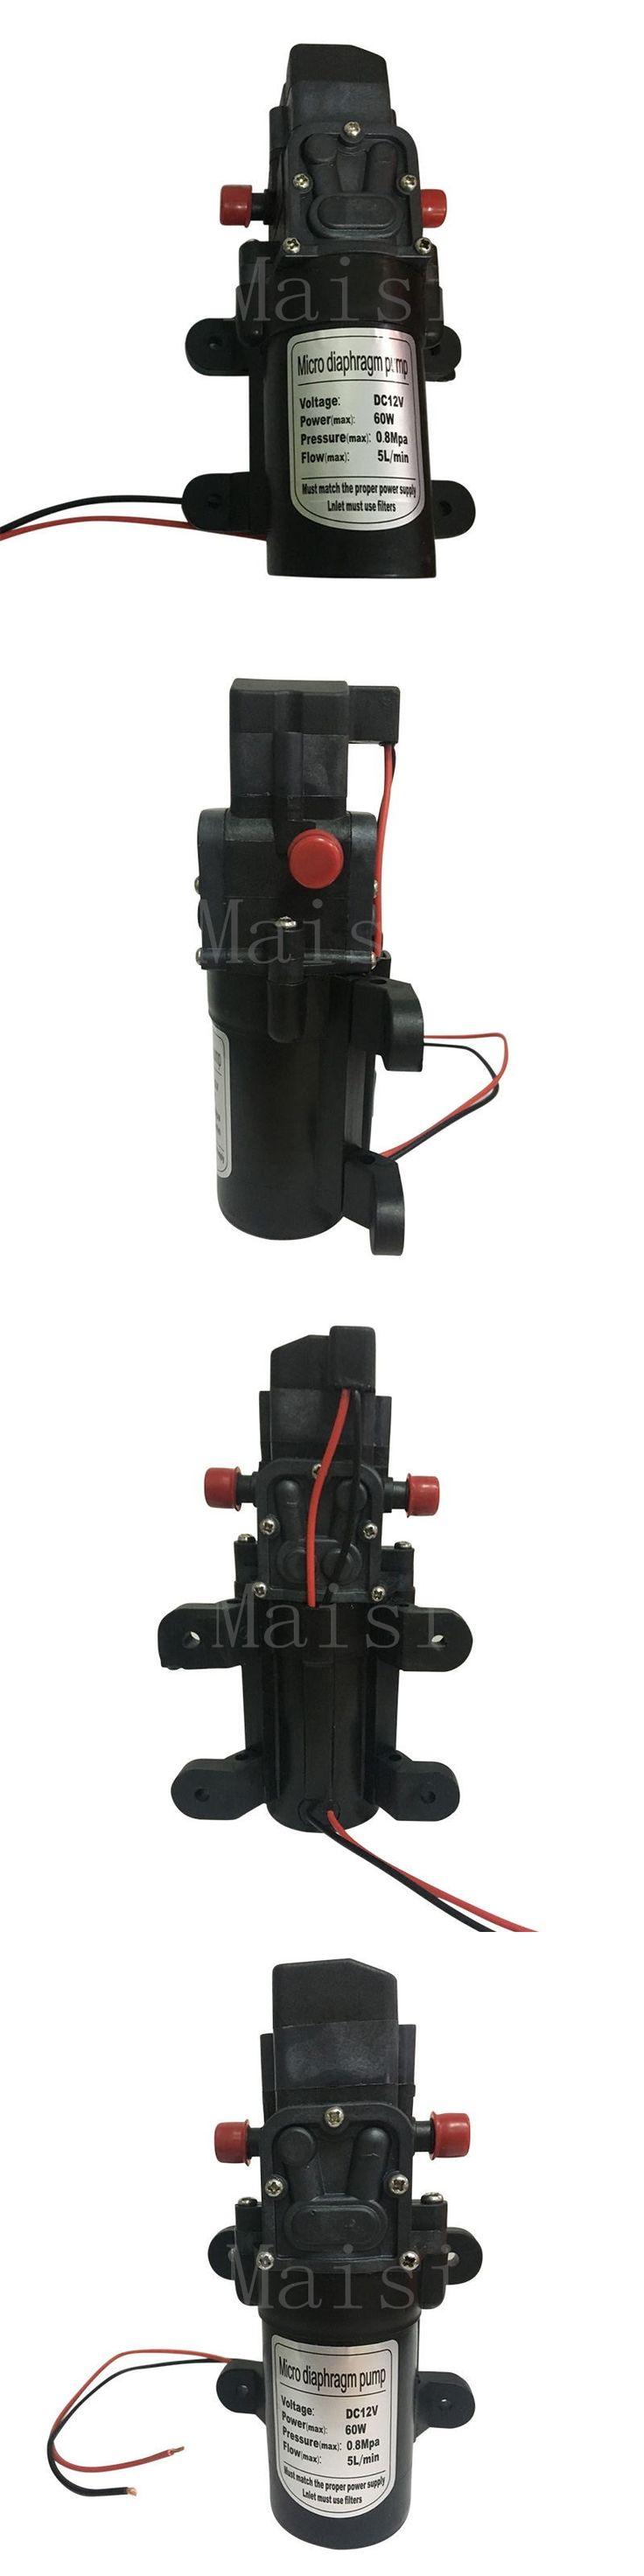 Maisi High Pressure 12v Water Pump 1 pc 60w Micro Circulation Micro Diaphragm Pump Automatic Switch Mini Electric Water Pump.